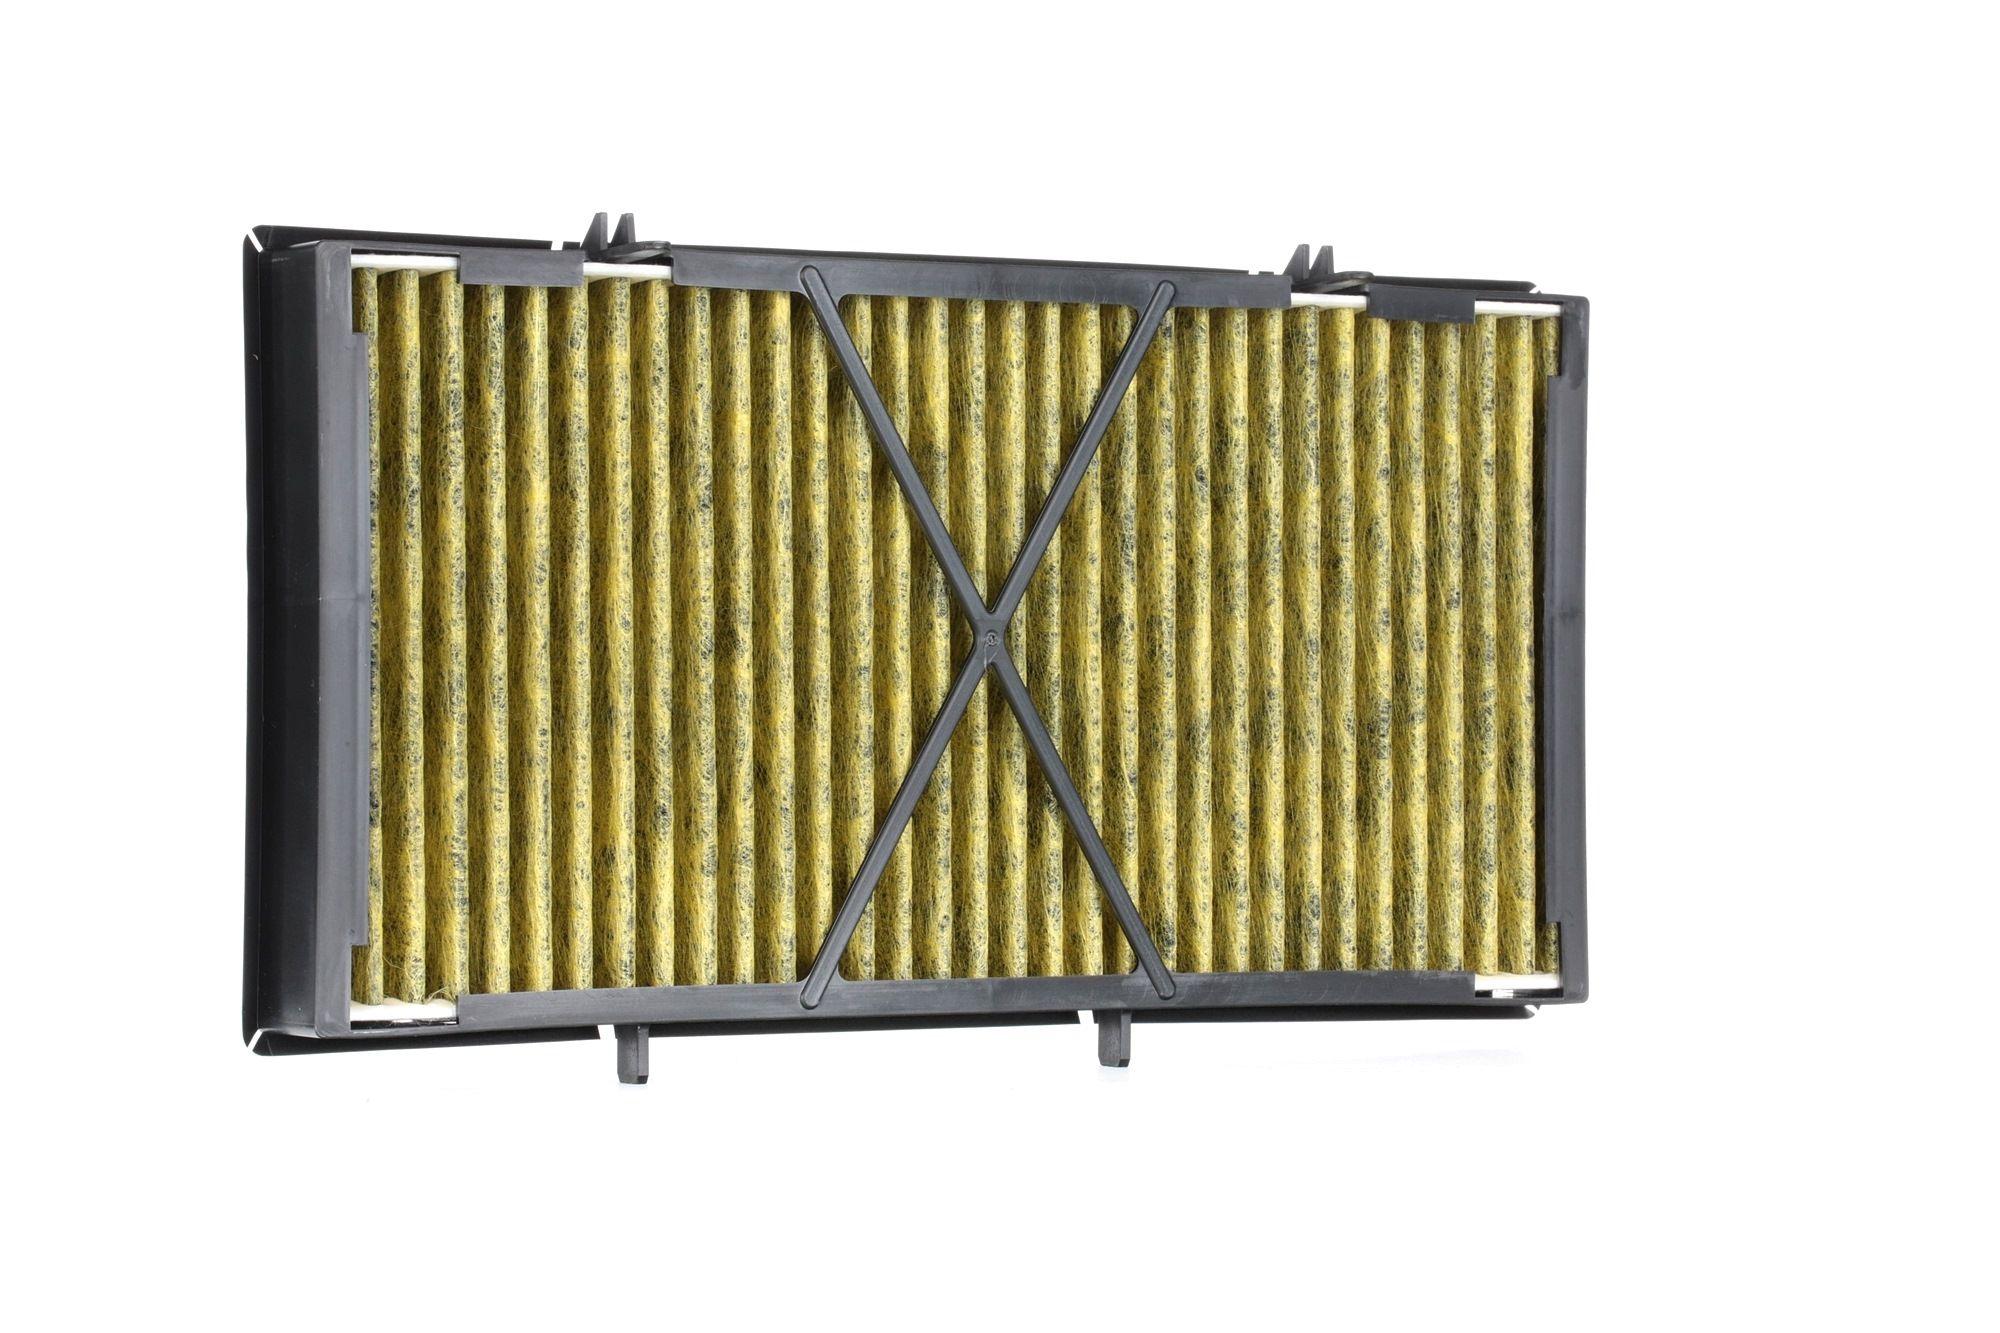 MANN-FILTER Pollen Filter NISSAN,OPEL,RENAULT FP 3454 2729800QAA,4408840,7701050319 Cabin Filter,Cabin Air Filter,Filter, interior air